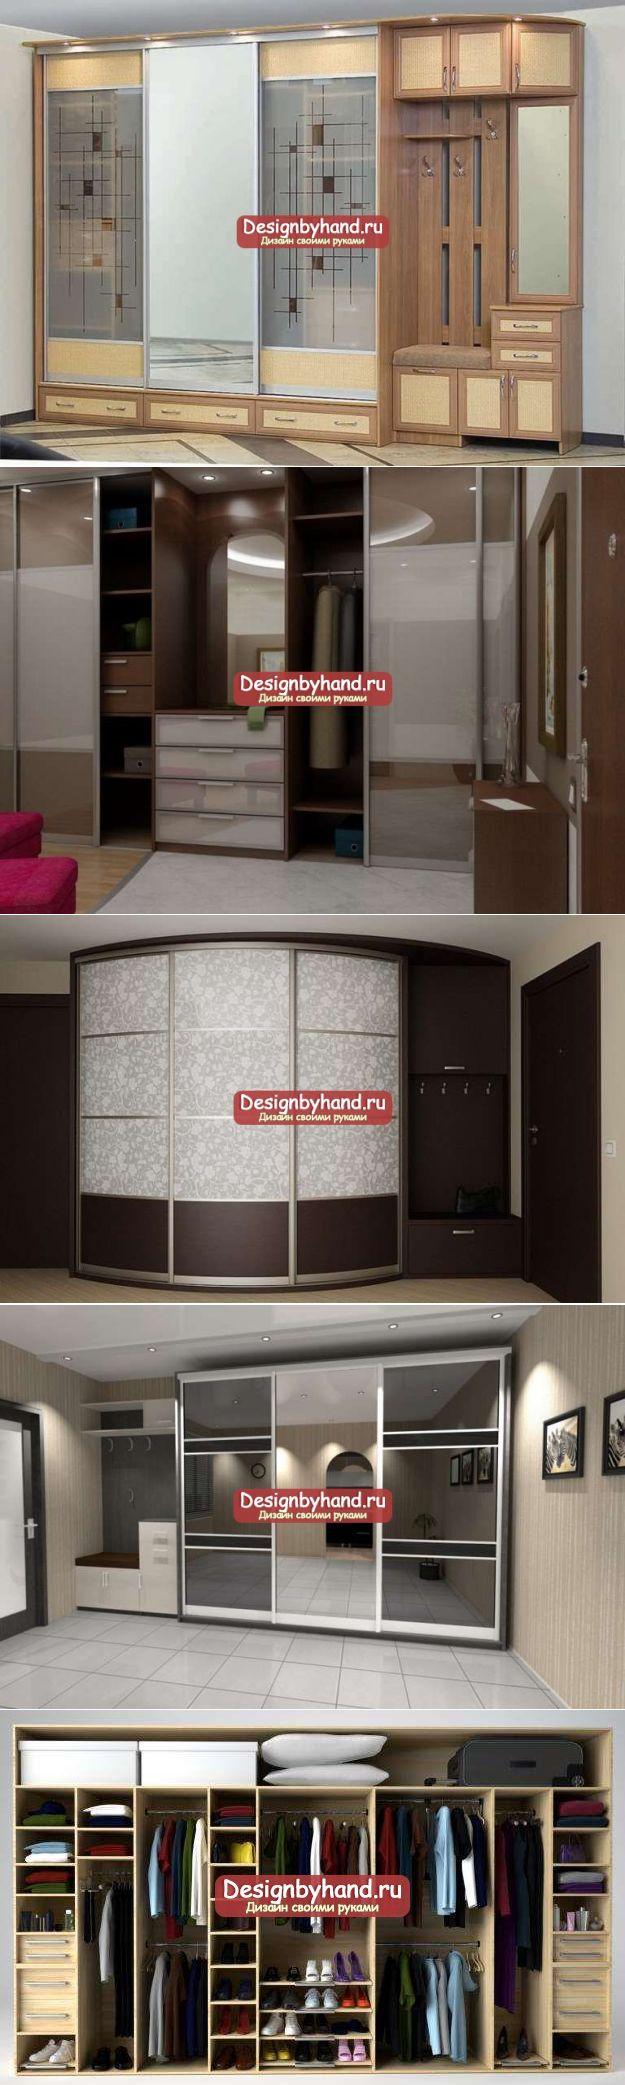 Шкаф для прихожей. В поисках идеальной модели. 50 идей шкафов для прихожей!